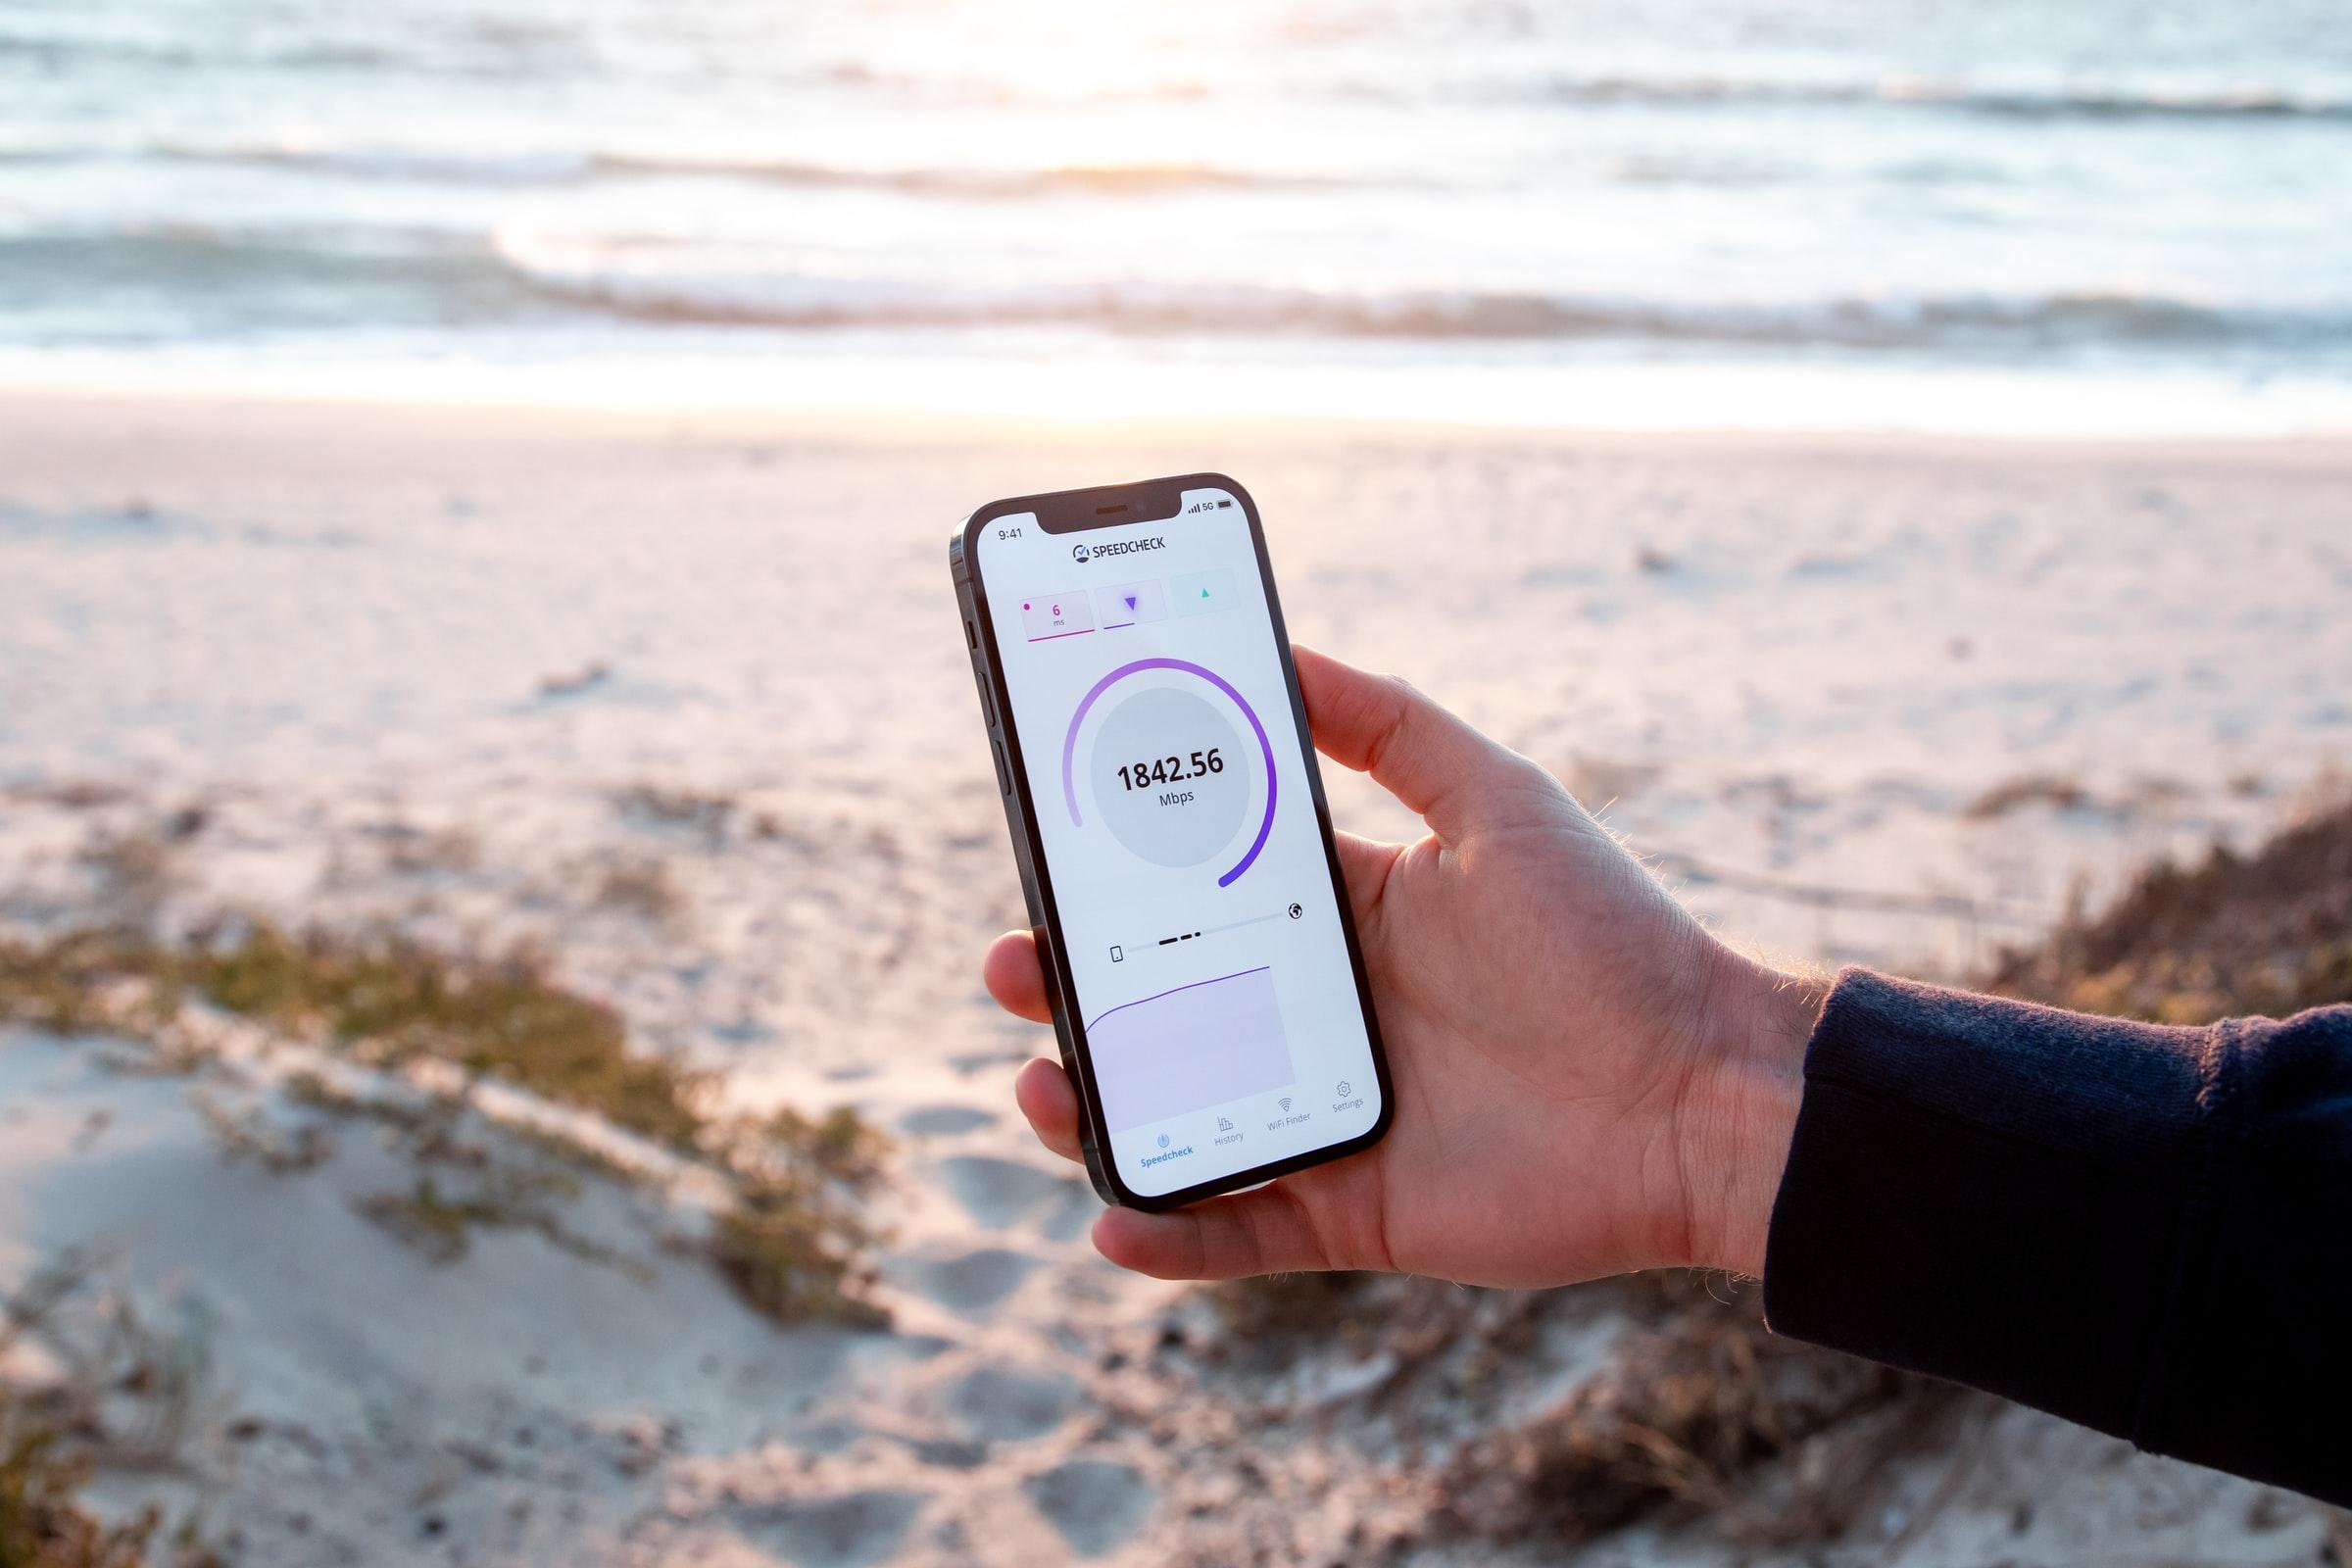 La 5G va booster les ventes de smartphones en 2021 selon ce rapport - Frandroid